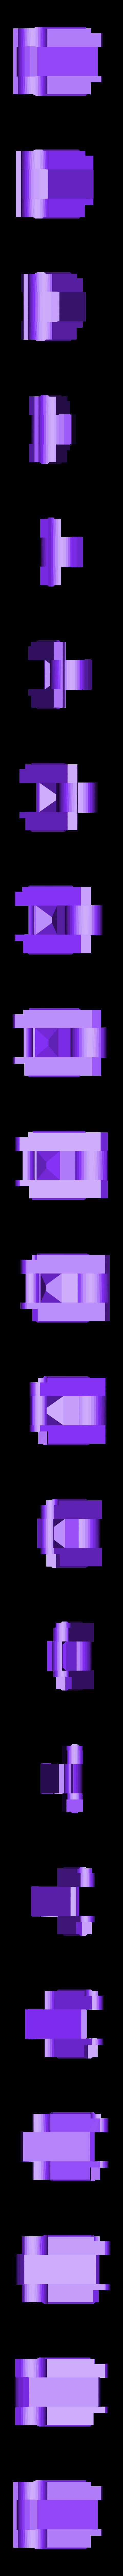 LEG-upper_repaired_repaired.stl Télécharger fichier STL gratuit Cybran T2 Destroyer - Salem Class • Plan à imprimer en 3D, Steyrc